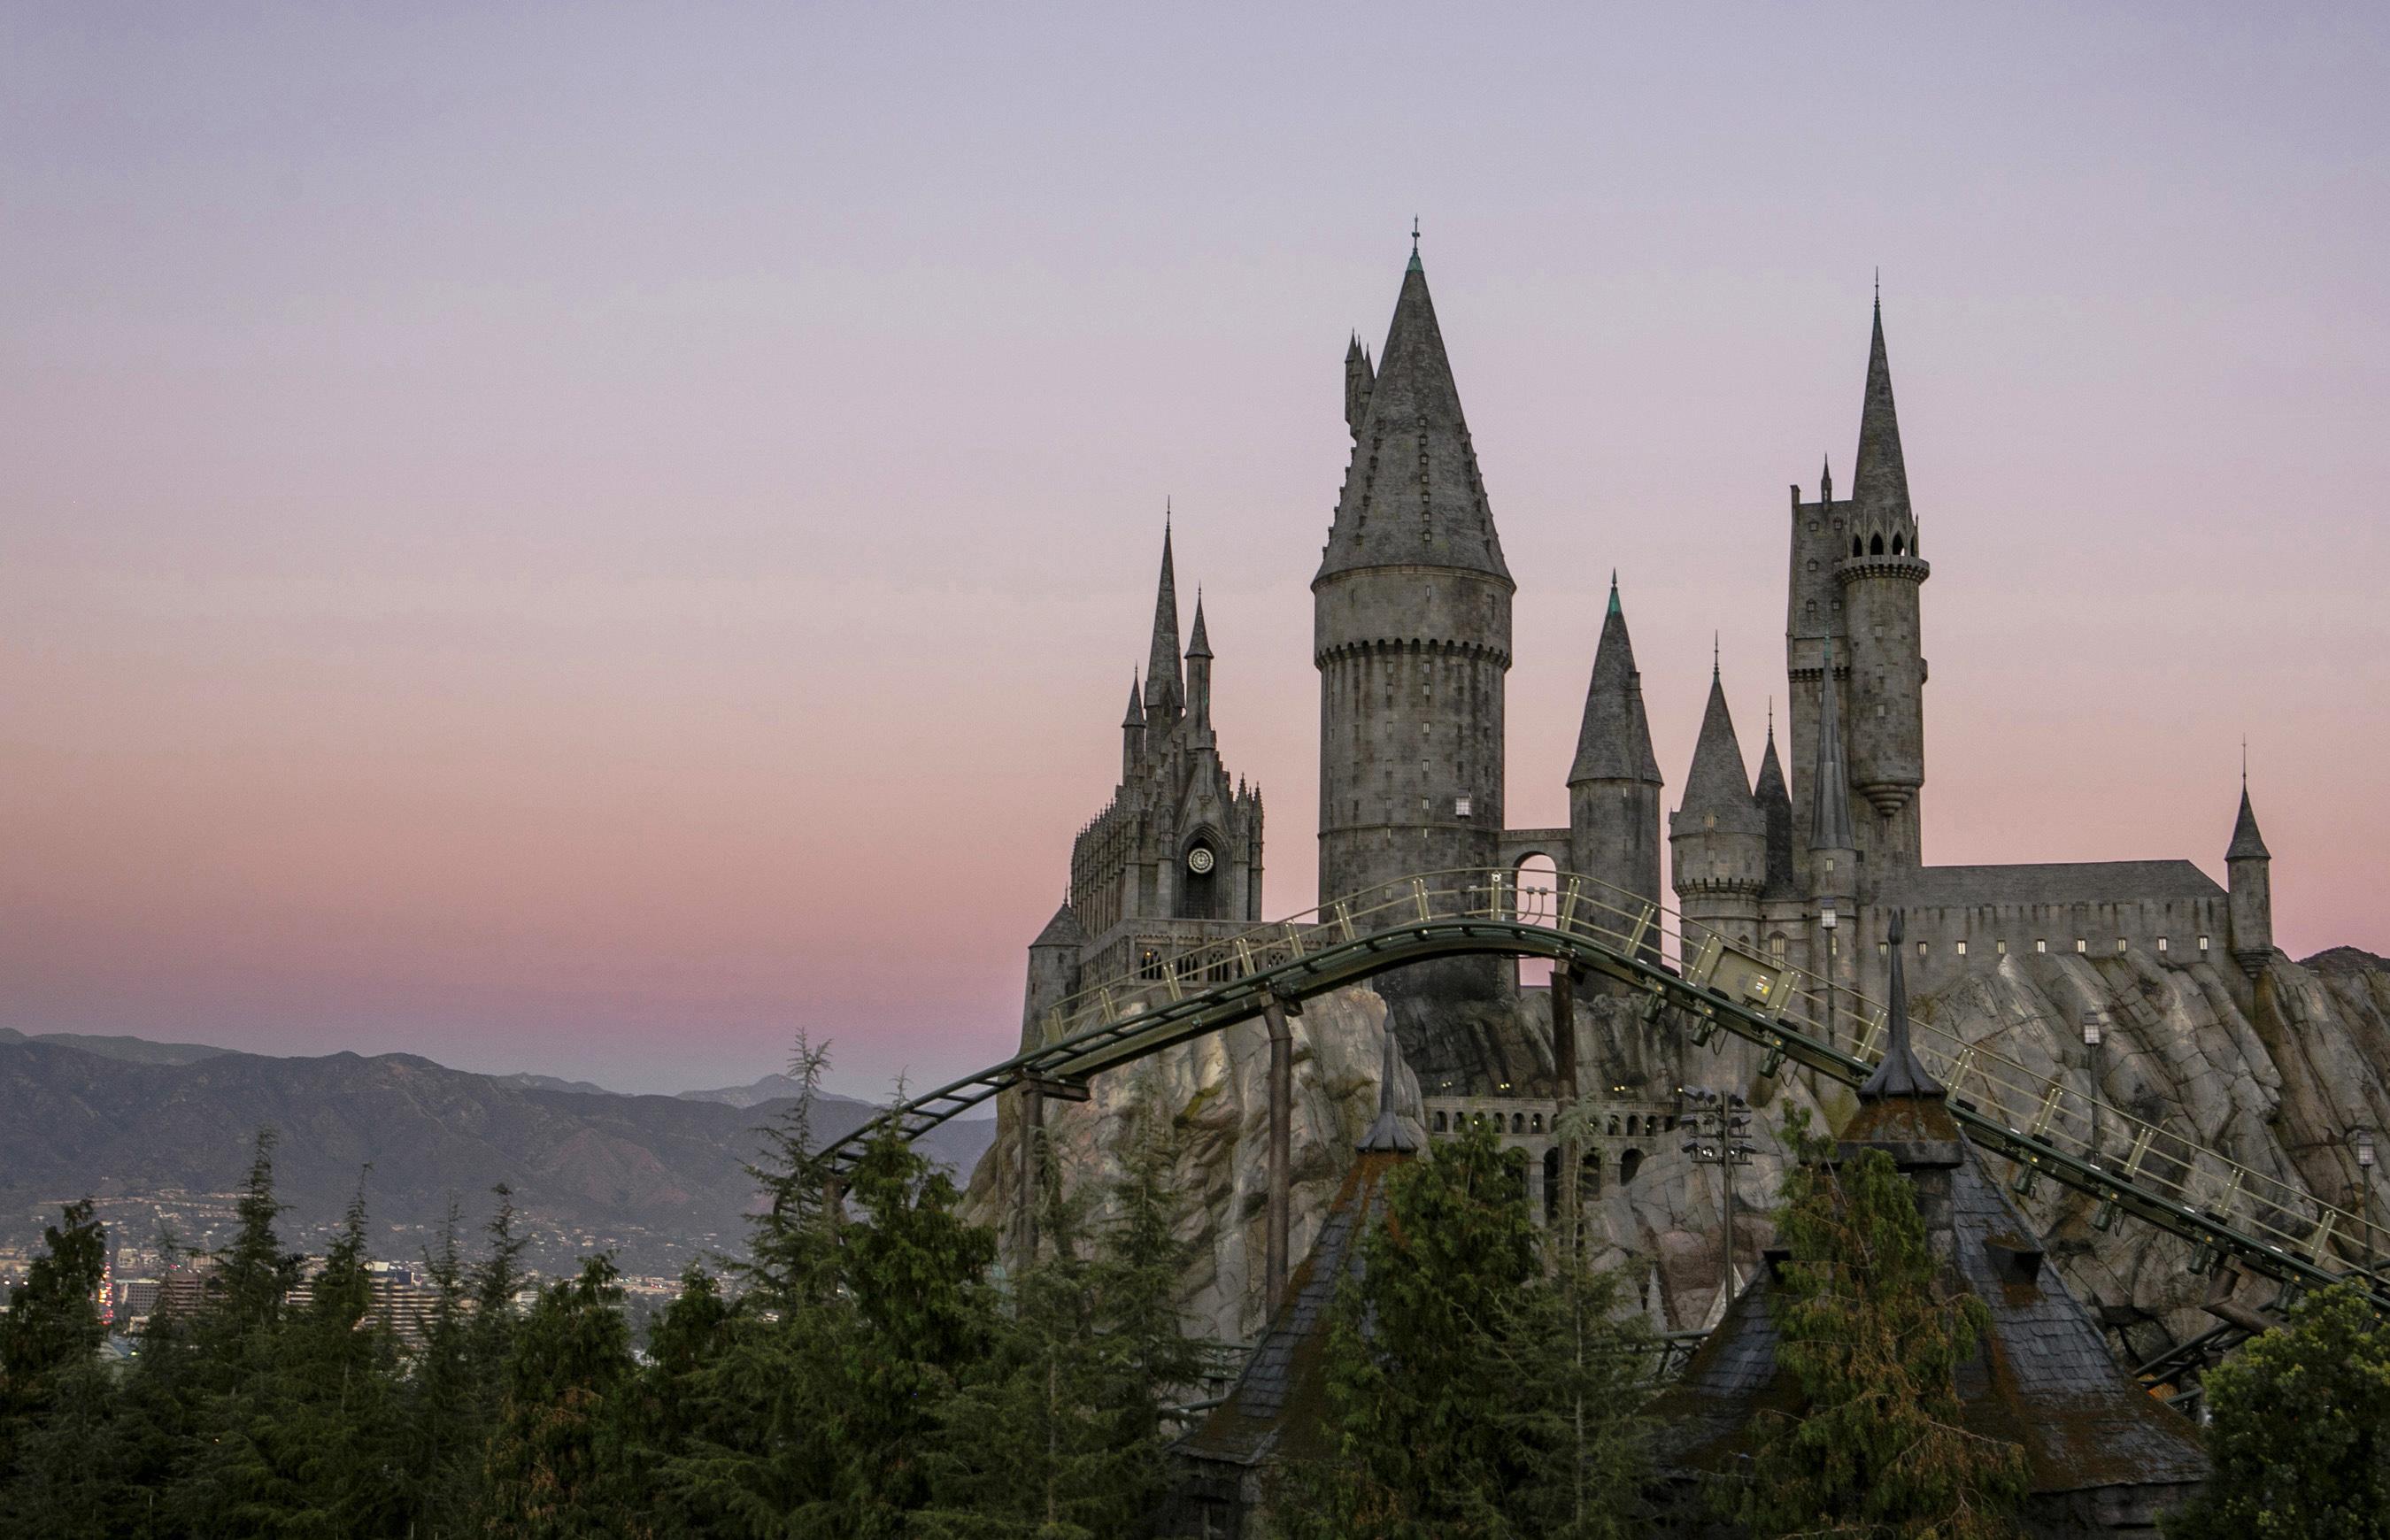 V svetu Harry Potterja je moč najdi tudi vlakec smrti